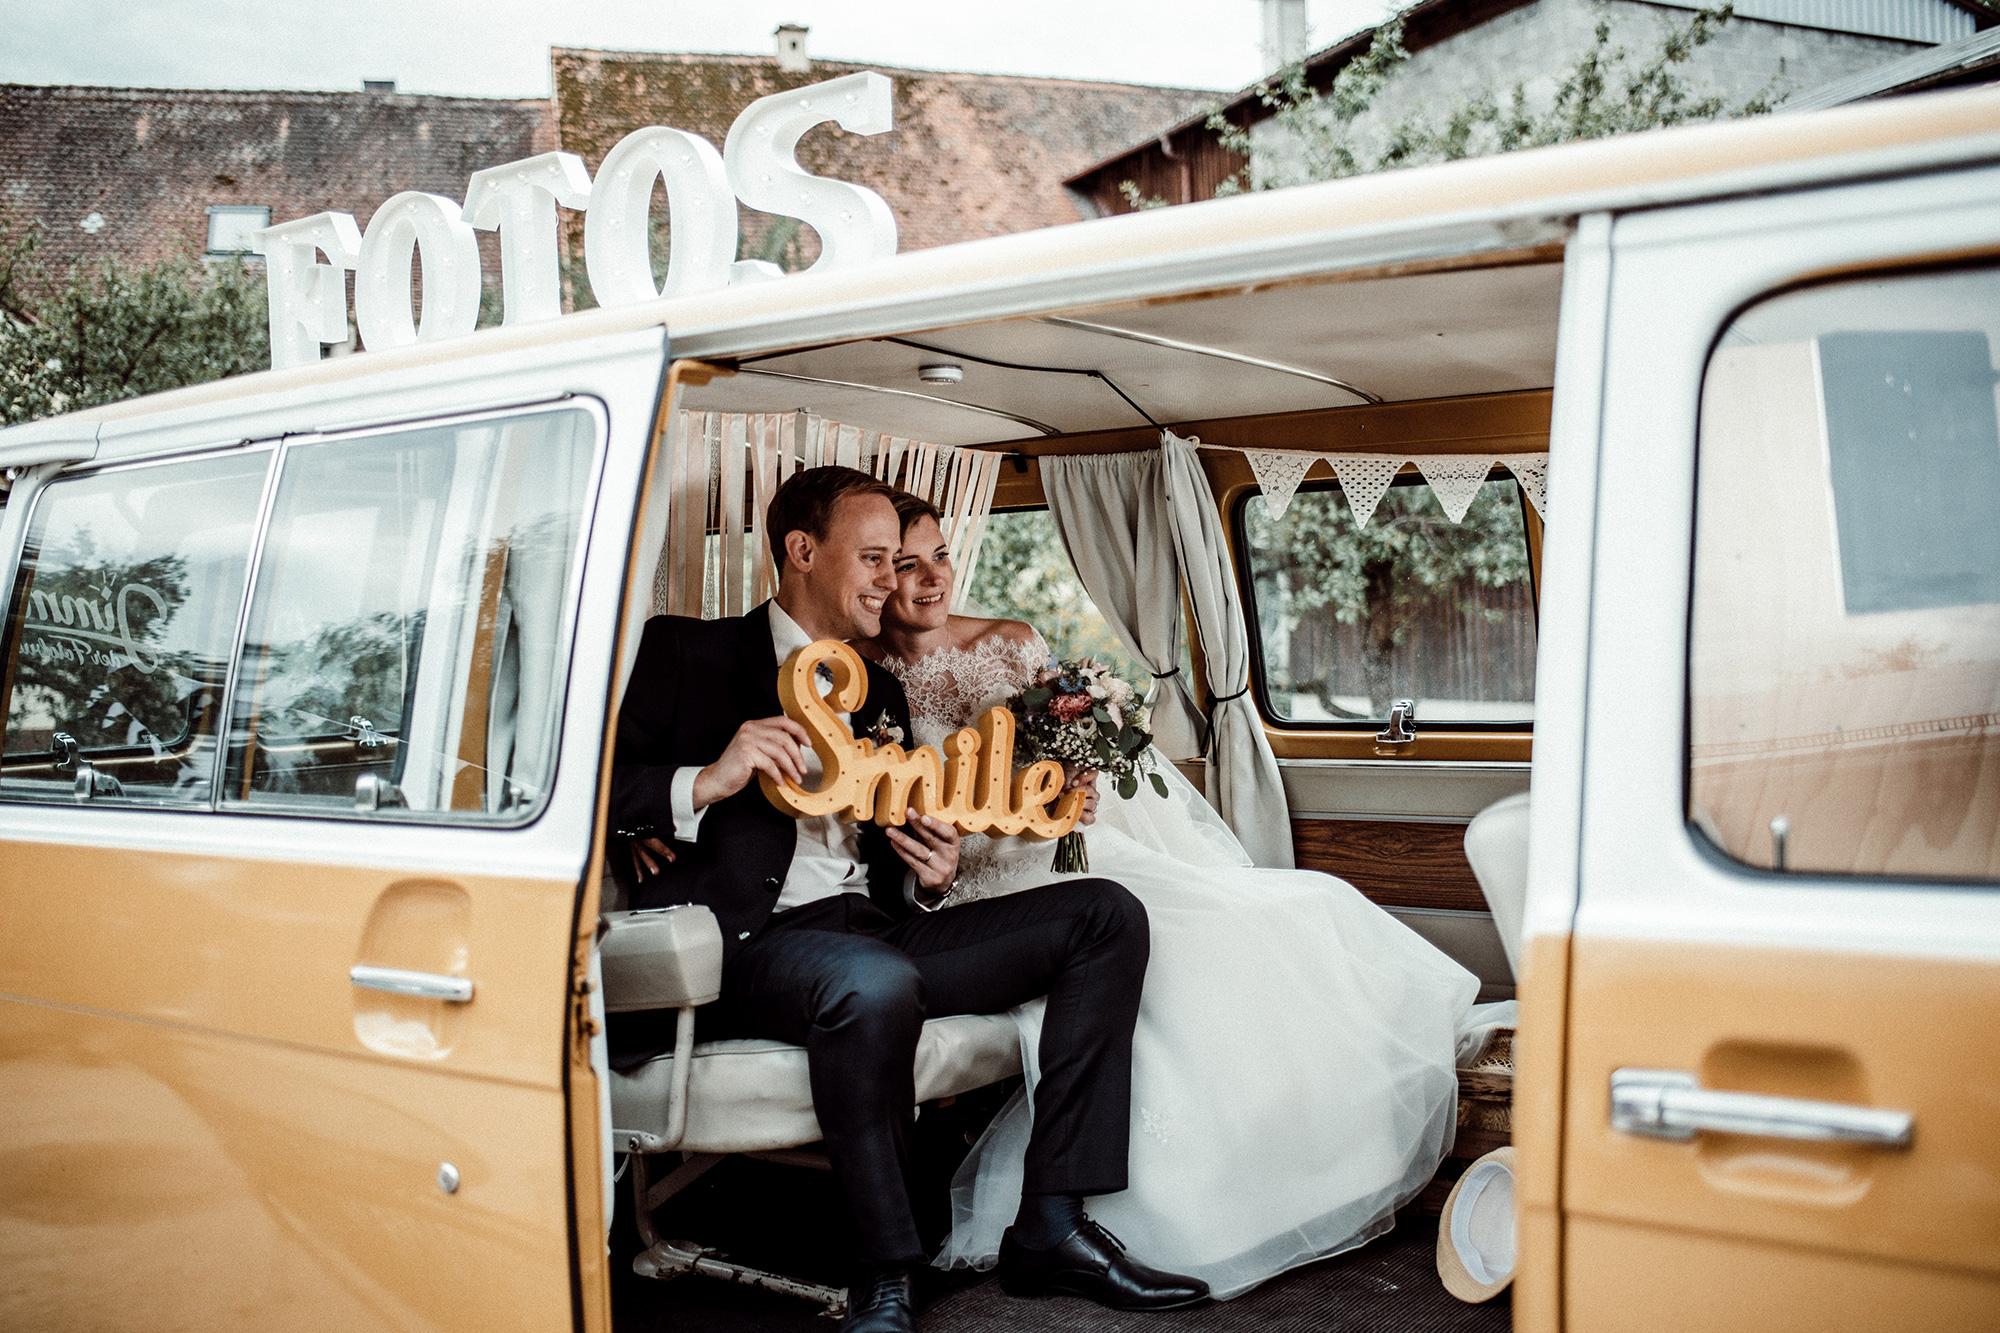 Fotobus-Jimmy-Fotobulli–Hochzeit-Fotobooth-Fotobox-V18.jpg